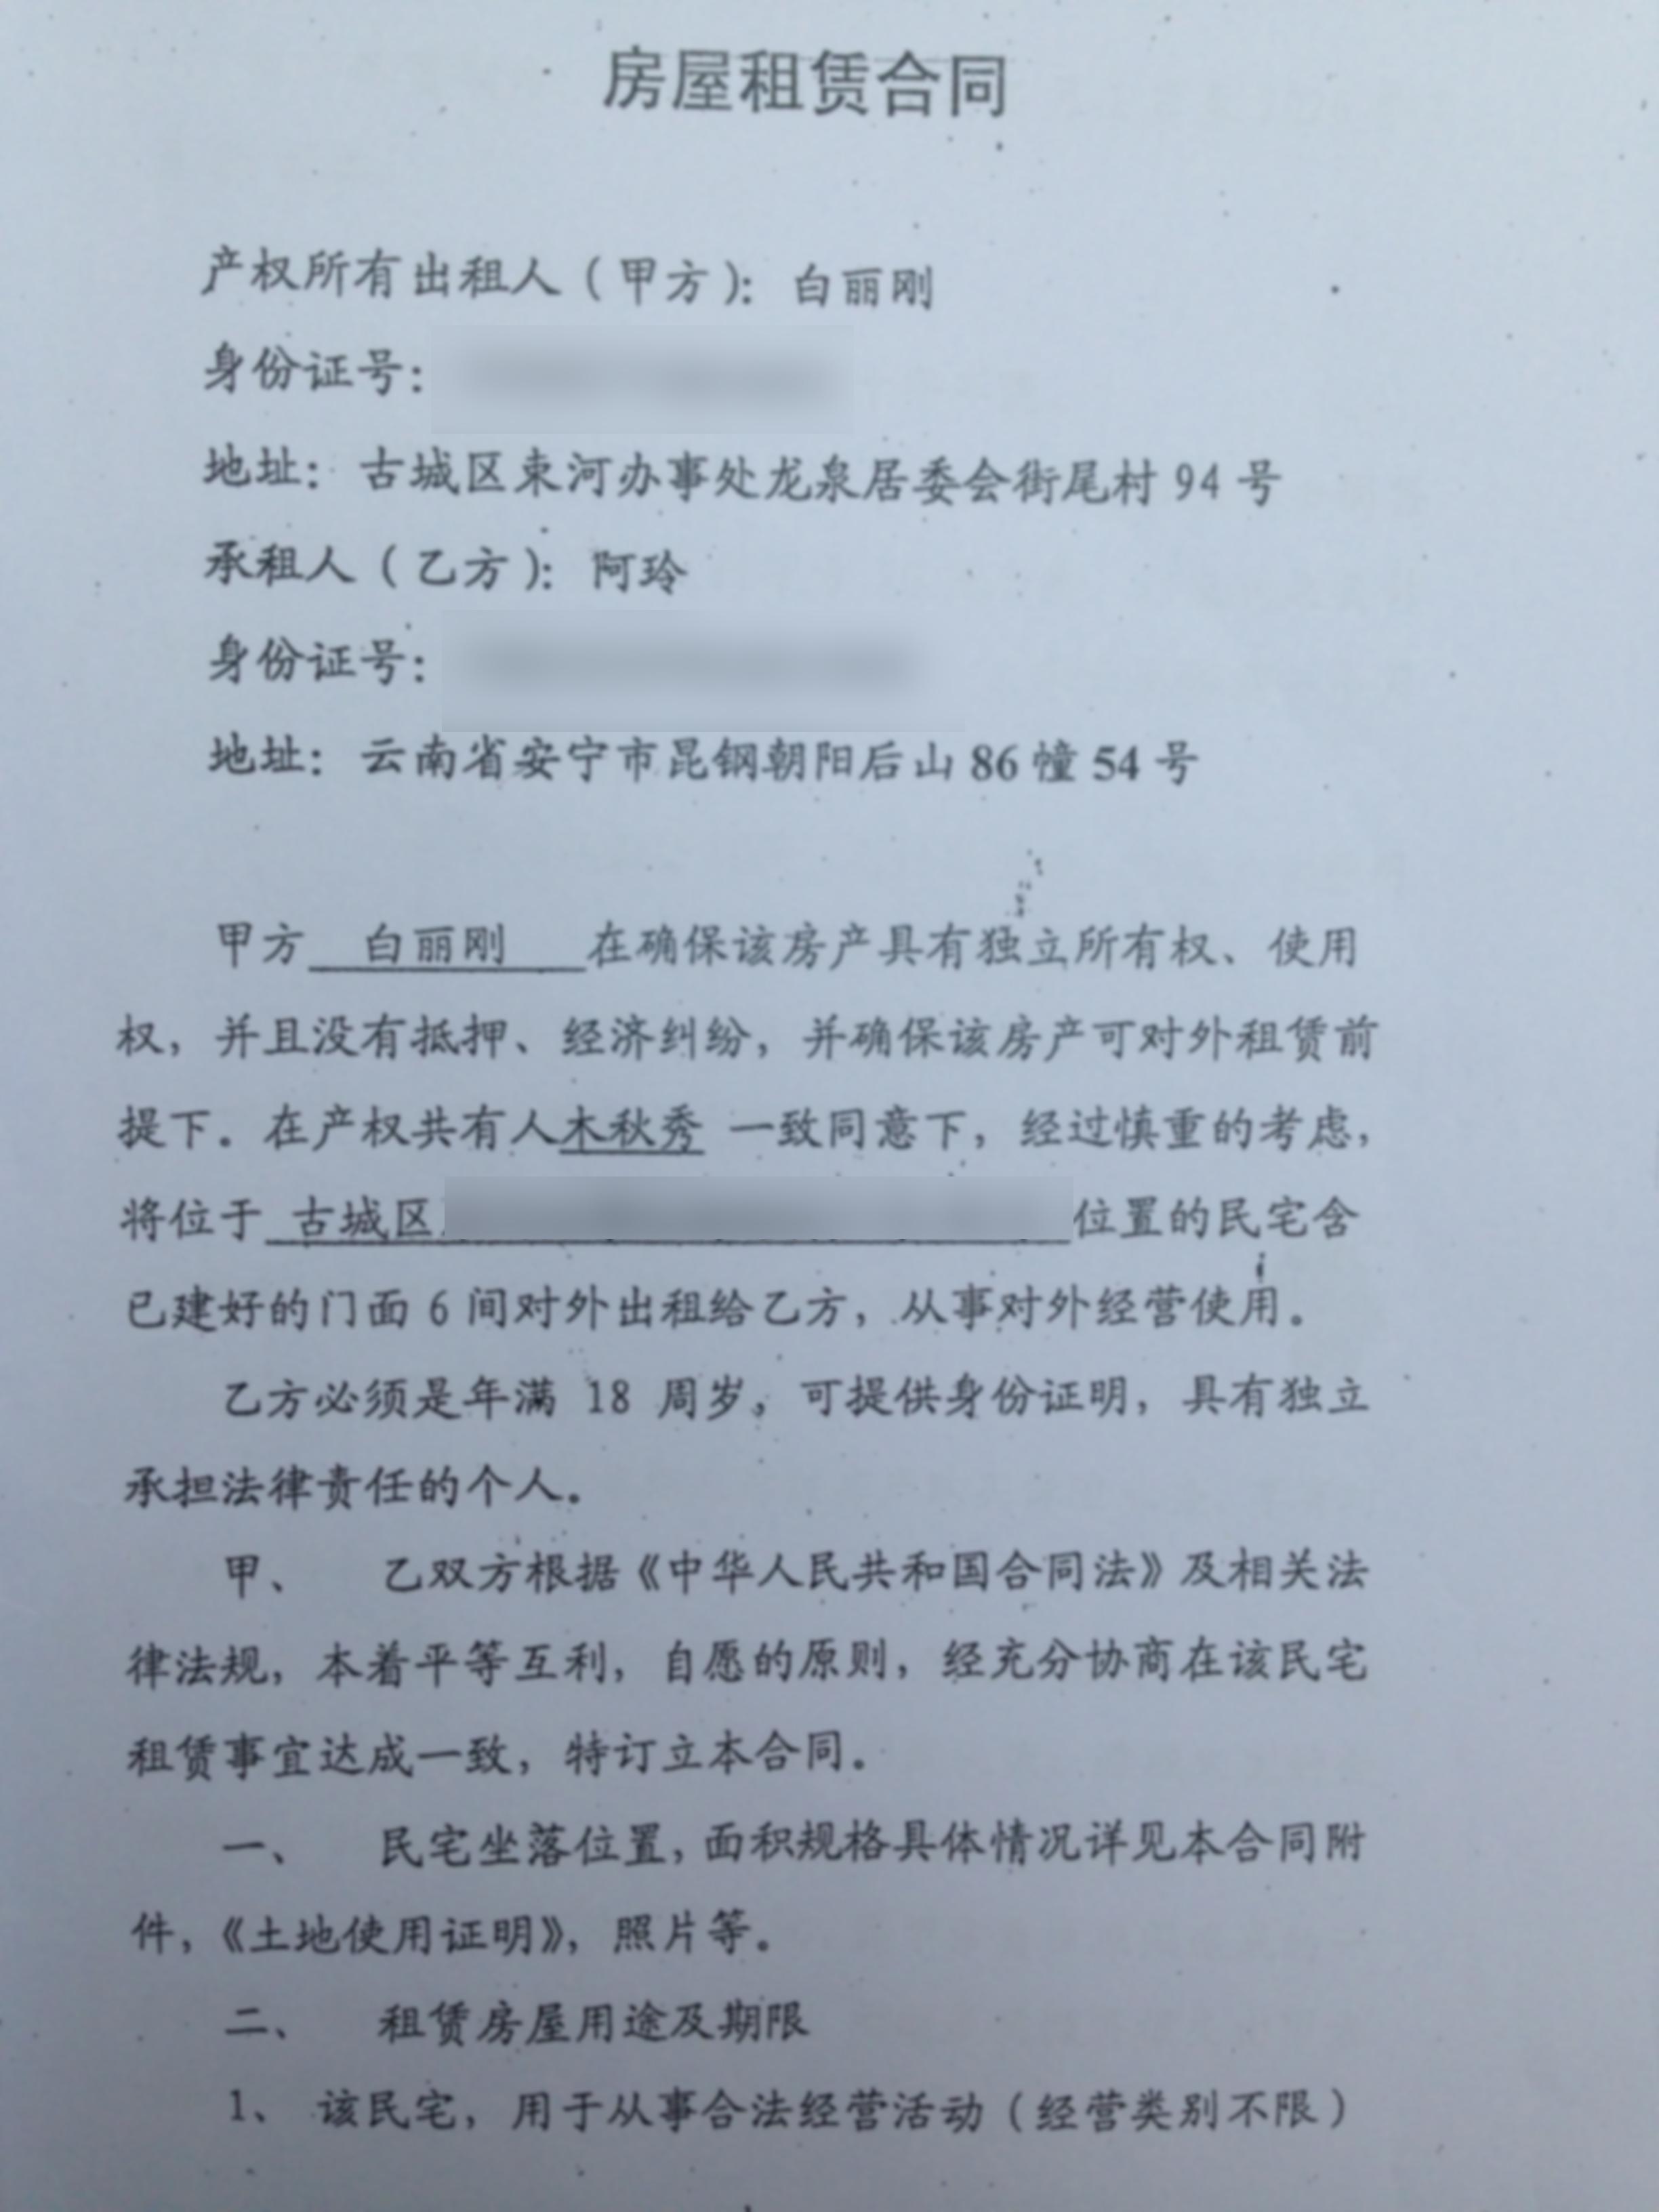 丽江房东毁约赶人案终审:客栈租赁合同有效,房东需赔40万